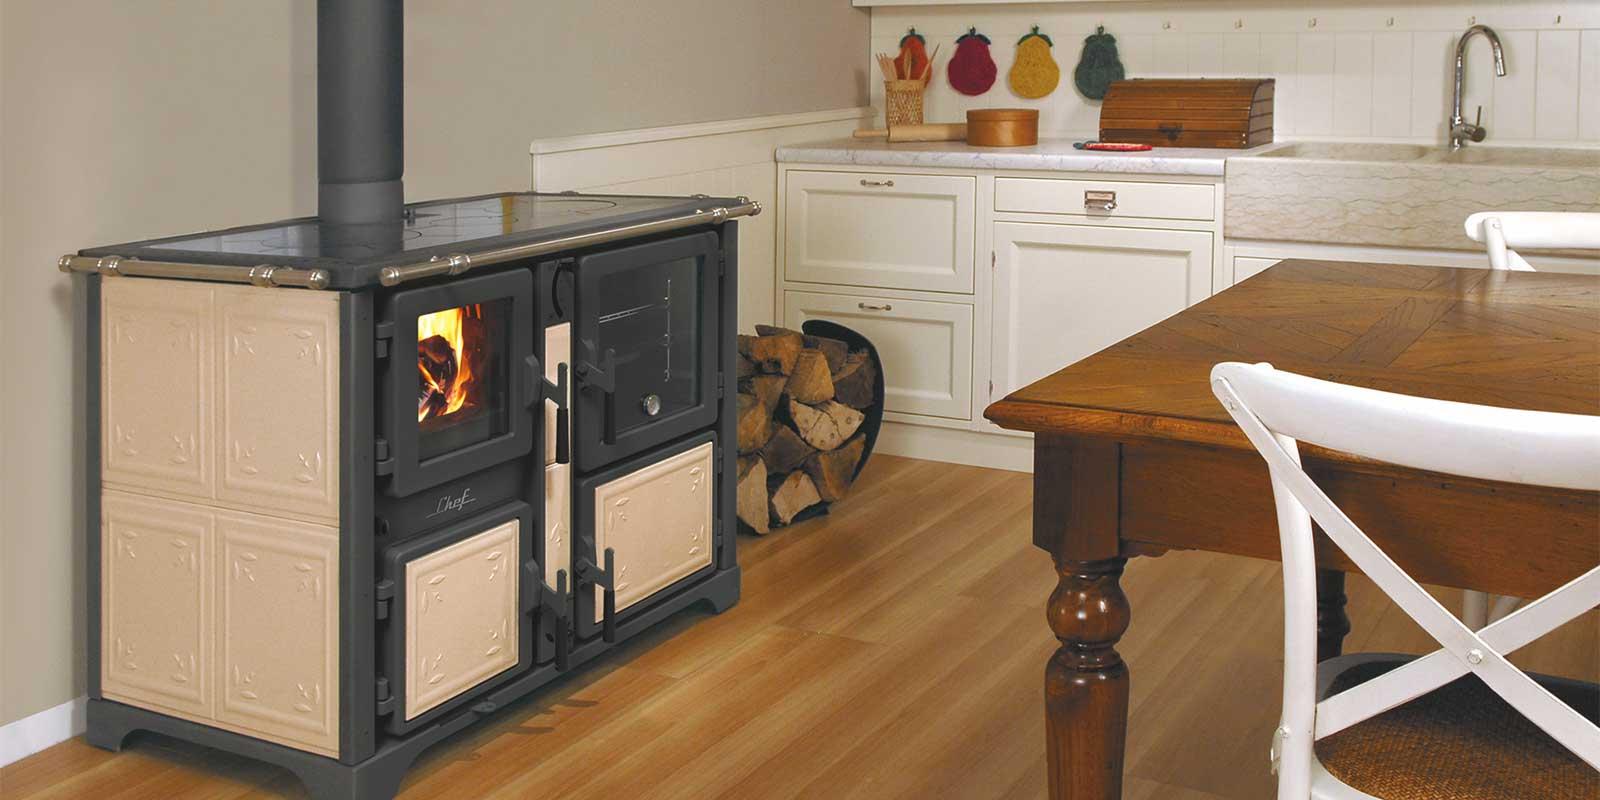 Caldaie stufe termocamini a legna e pellet tutto per il riscaldamento a legna e pellet - Cucine a pellet prezzi ...